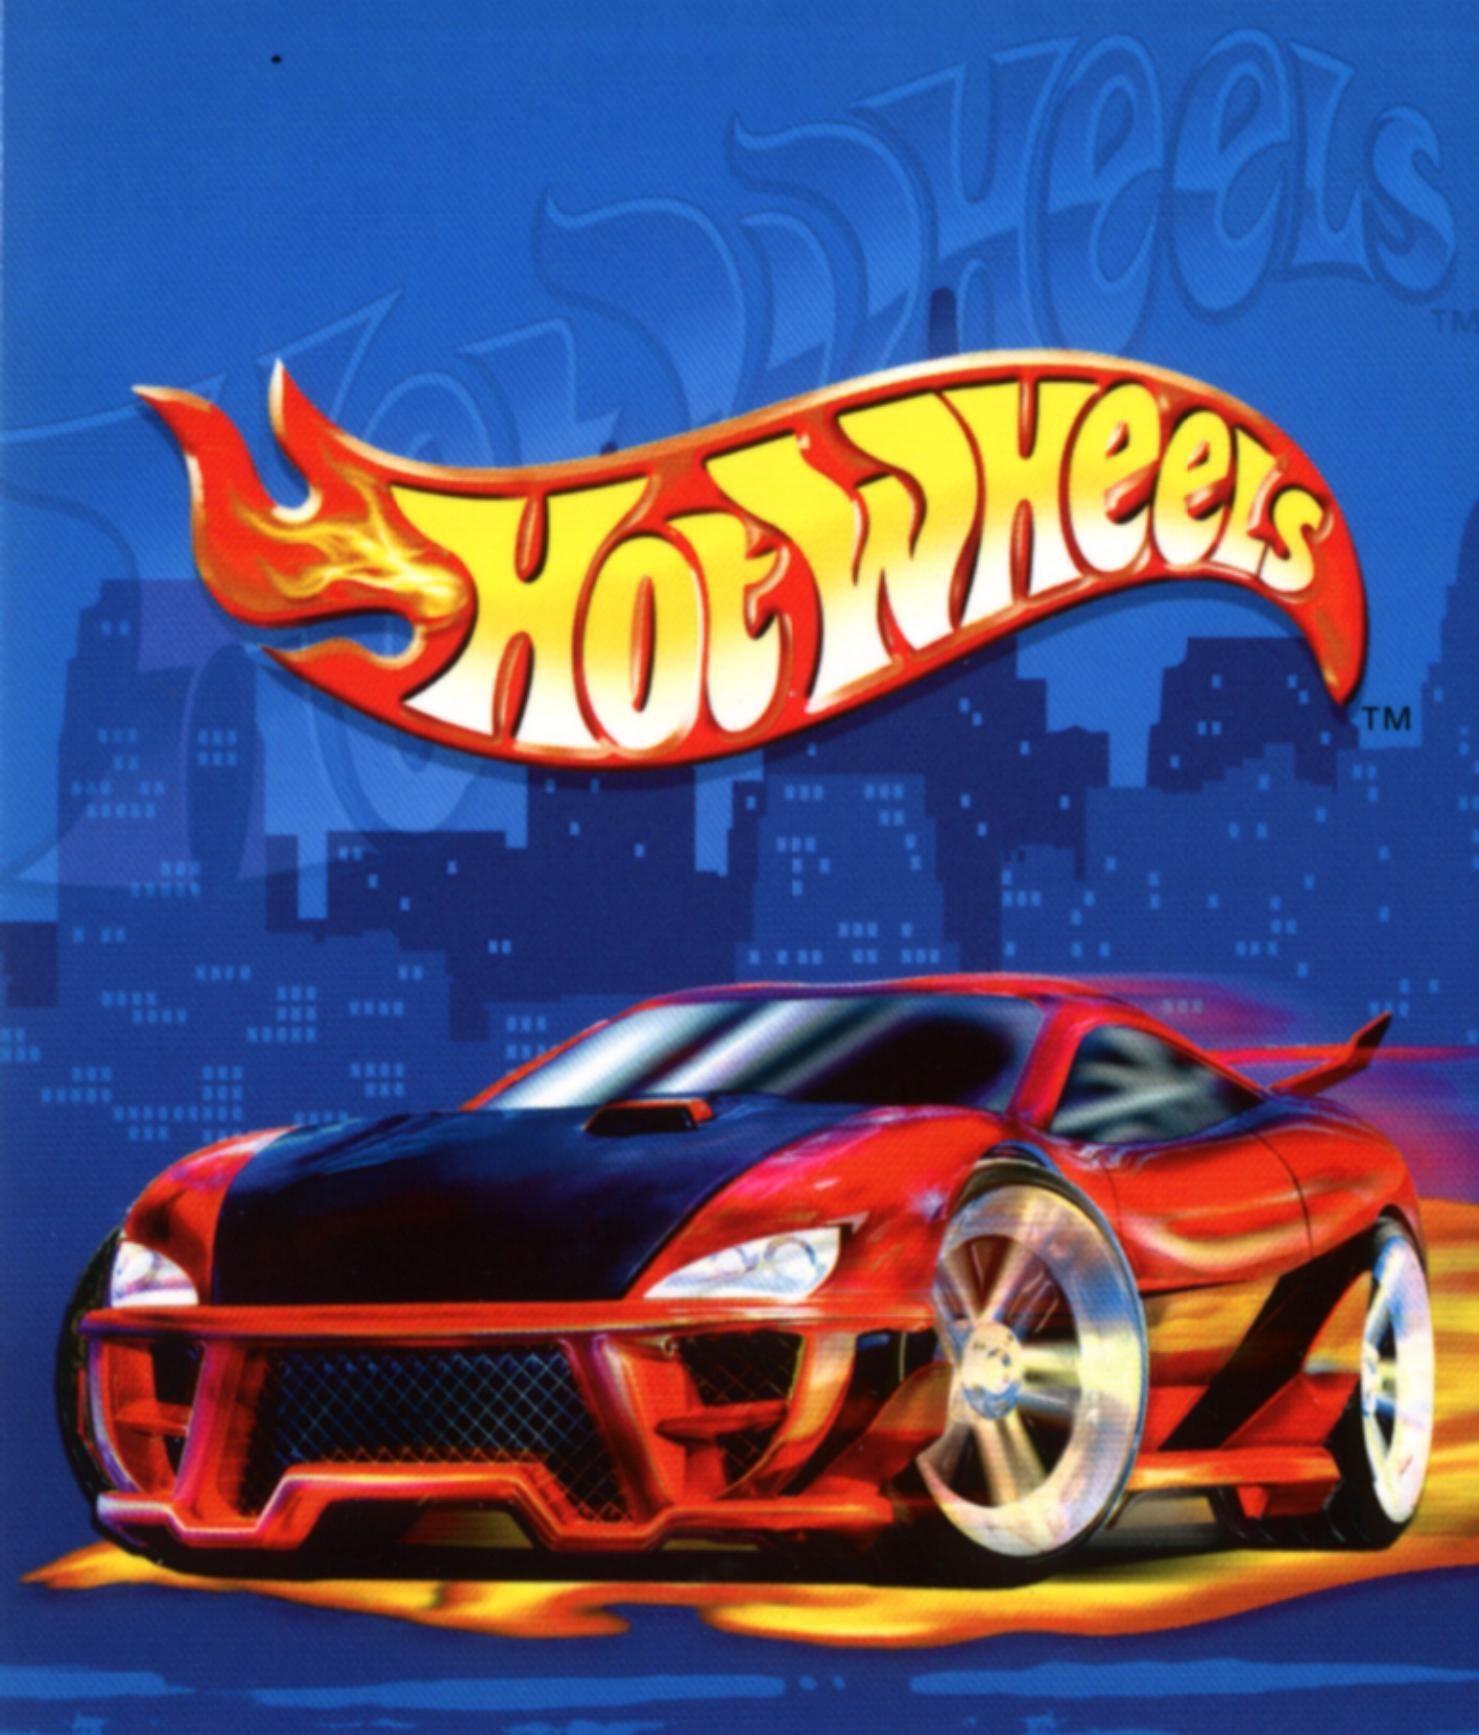 Yes I Liked Hot Wheels Hot Wheels Cumpleanos De Hot Wheels Imprimibles Hot Wheels